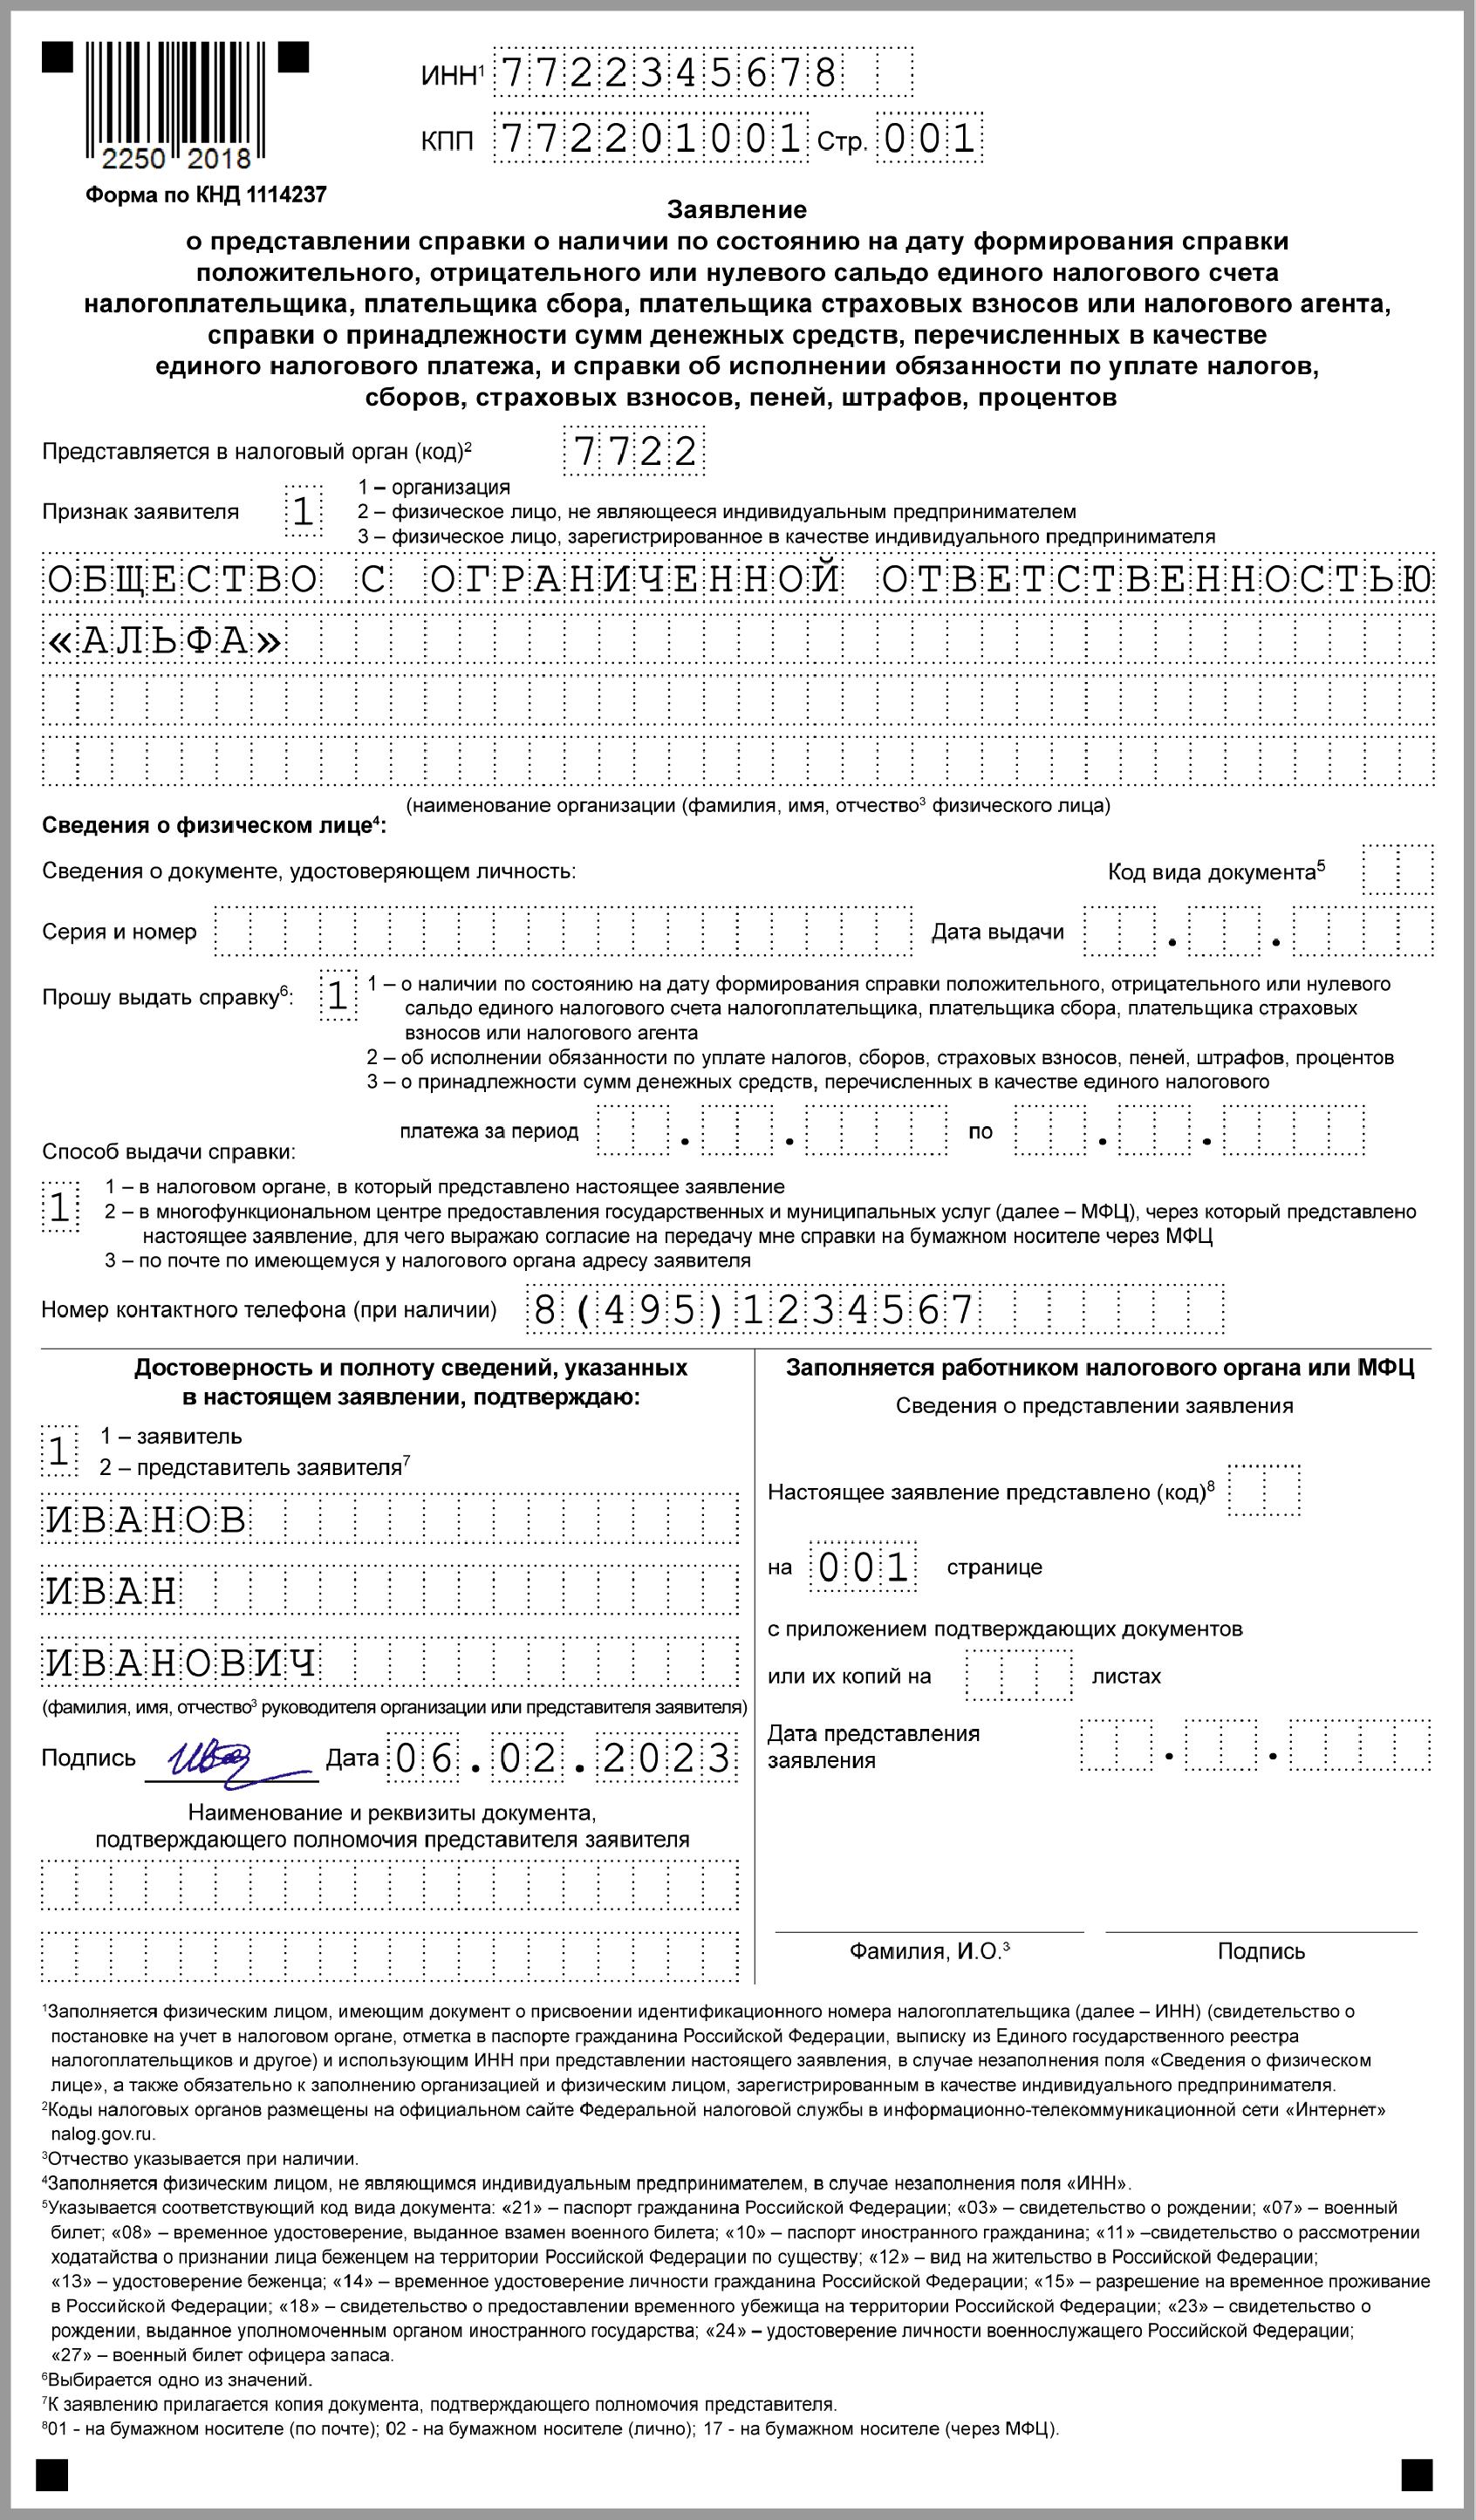 Образец письма в налоговую о состоянии расчетов с бюджетом